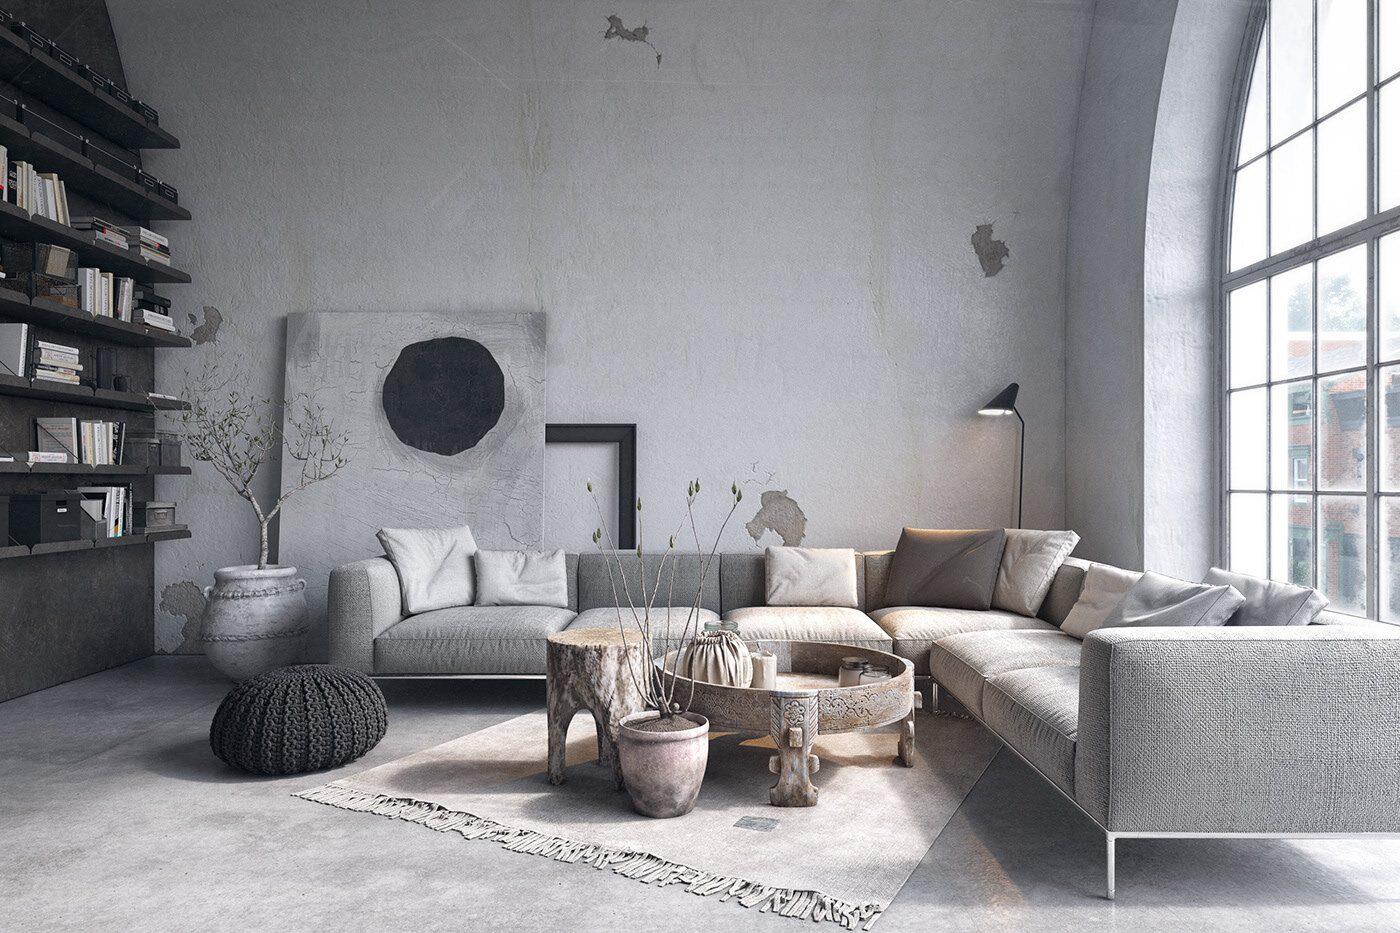 Nội thất phòng khách kiểu Scandinavia thường đơn giản ít chi tiết